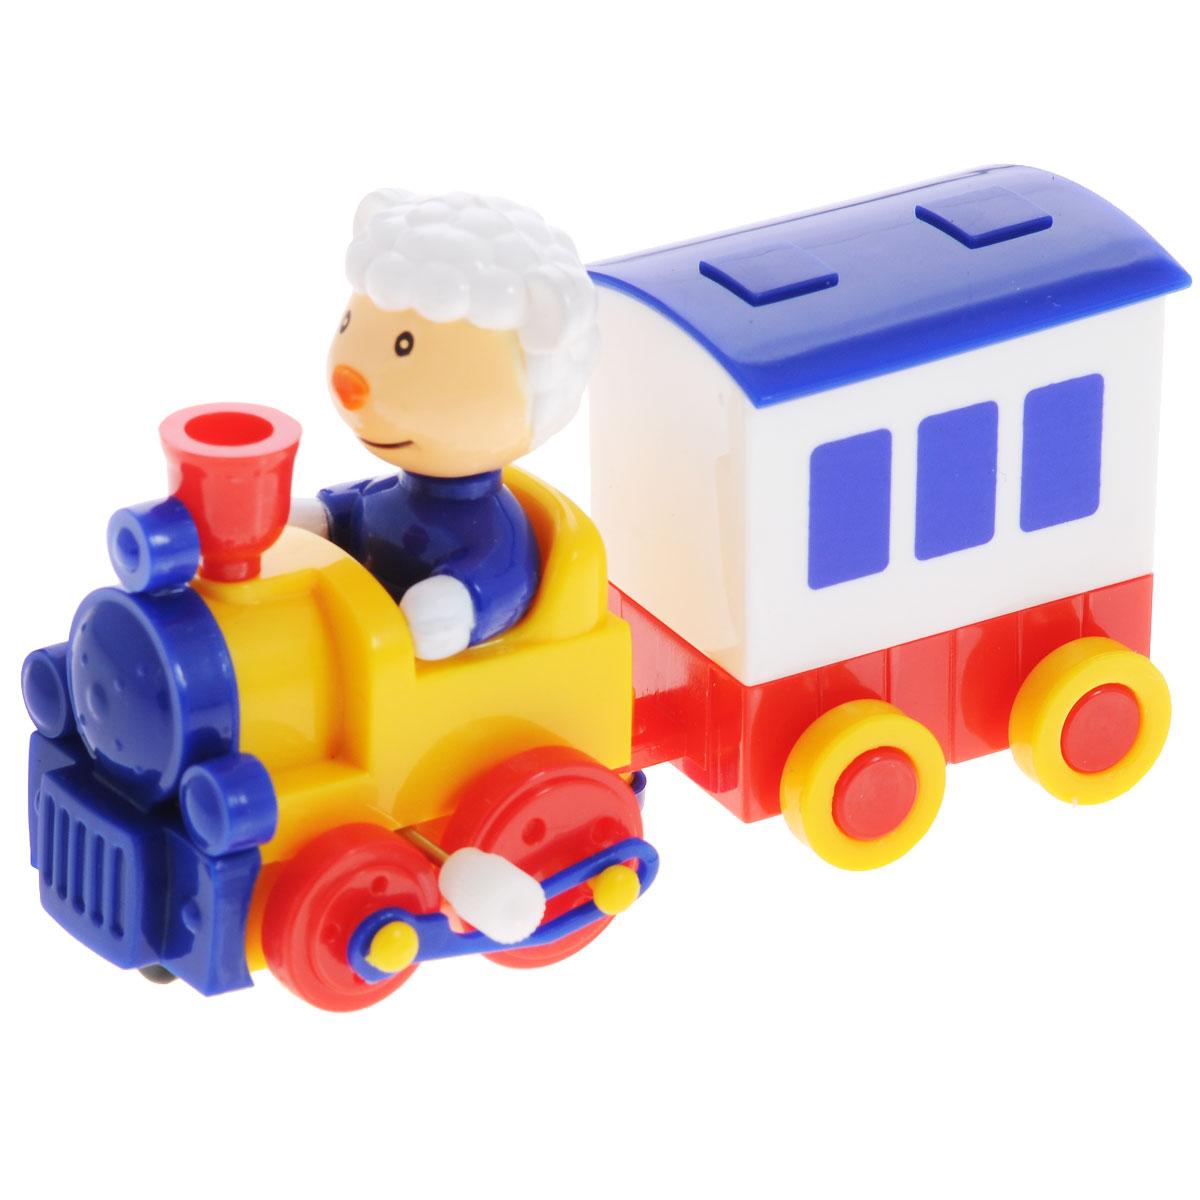 отпуска игрушечные паровозики картинки причин